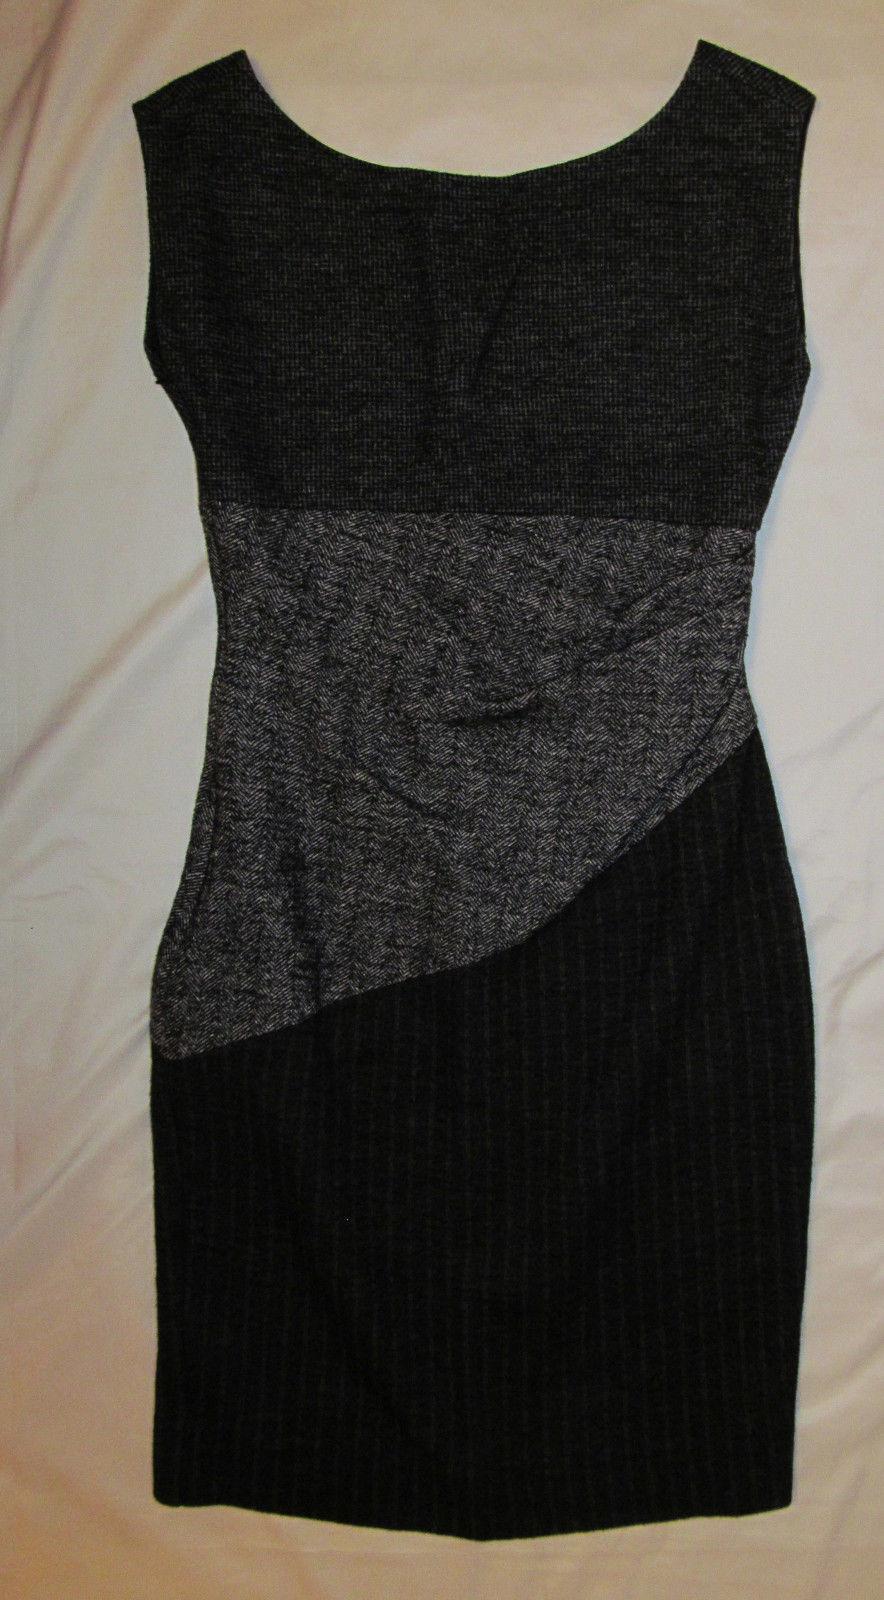 DVF DIANE VON FURSTENBERG wool JORI Farbeblock knit sheath herrinbone dress 8